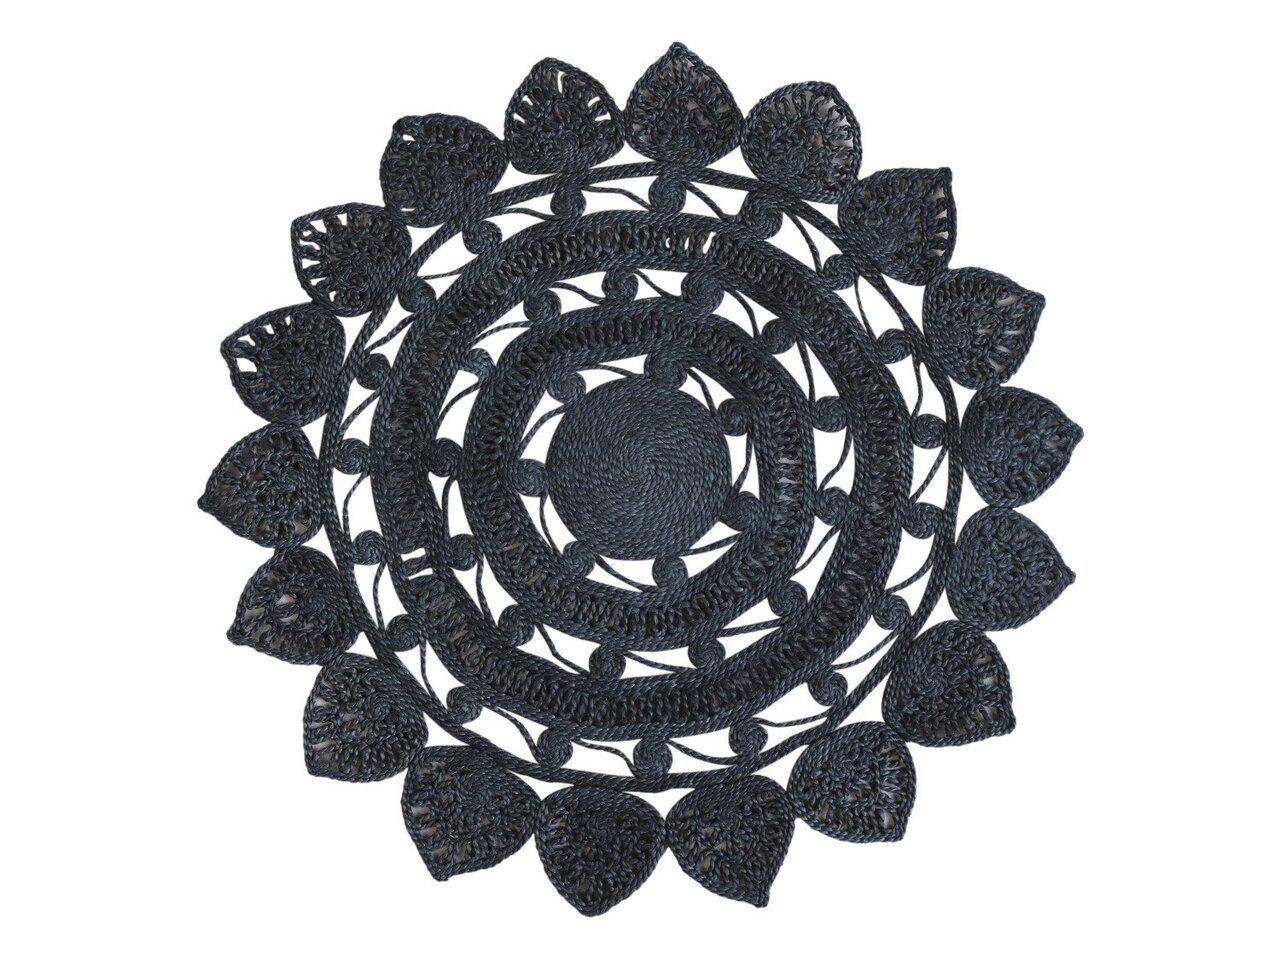 Chic Antique Jute Teppich mit Muster